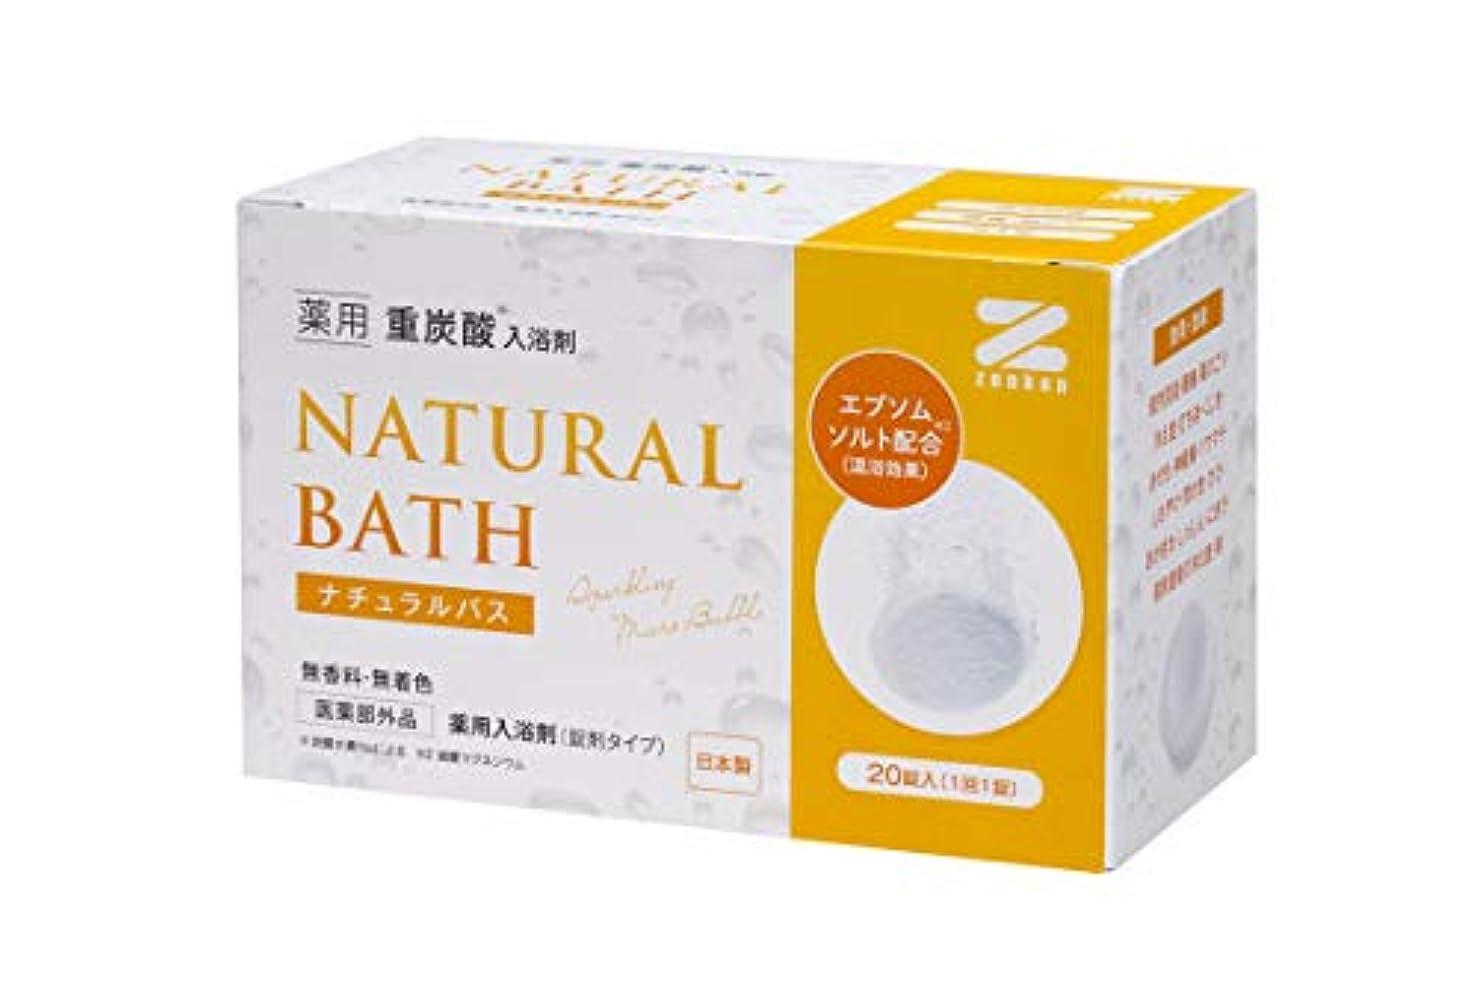 ホイッスル正確欠員薬用 重炭酸入浴剤 ナチュラルバス 20個入り ZNB-20